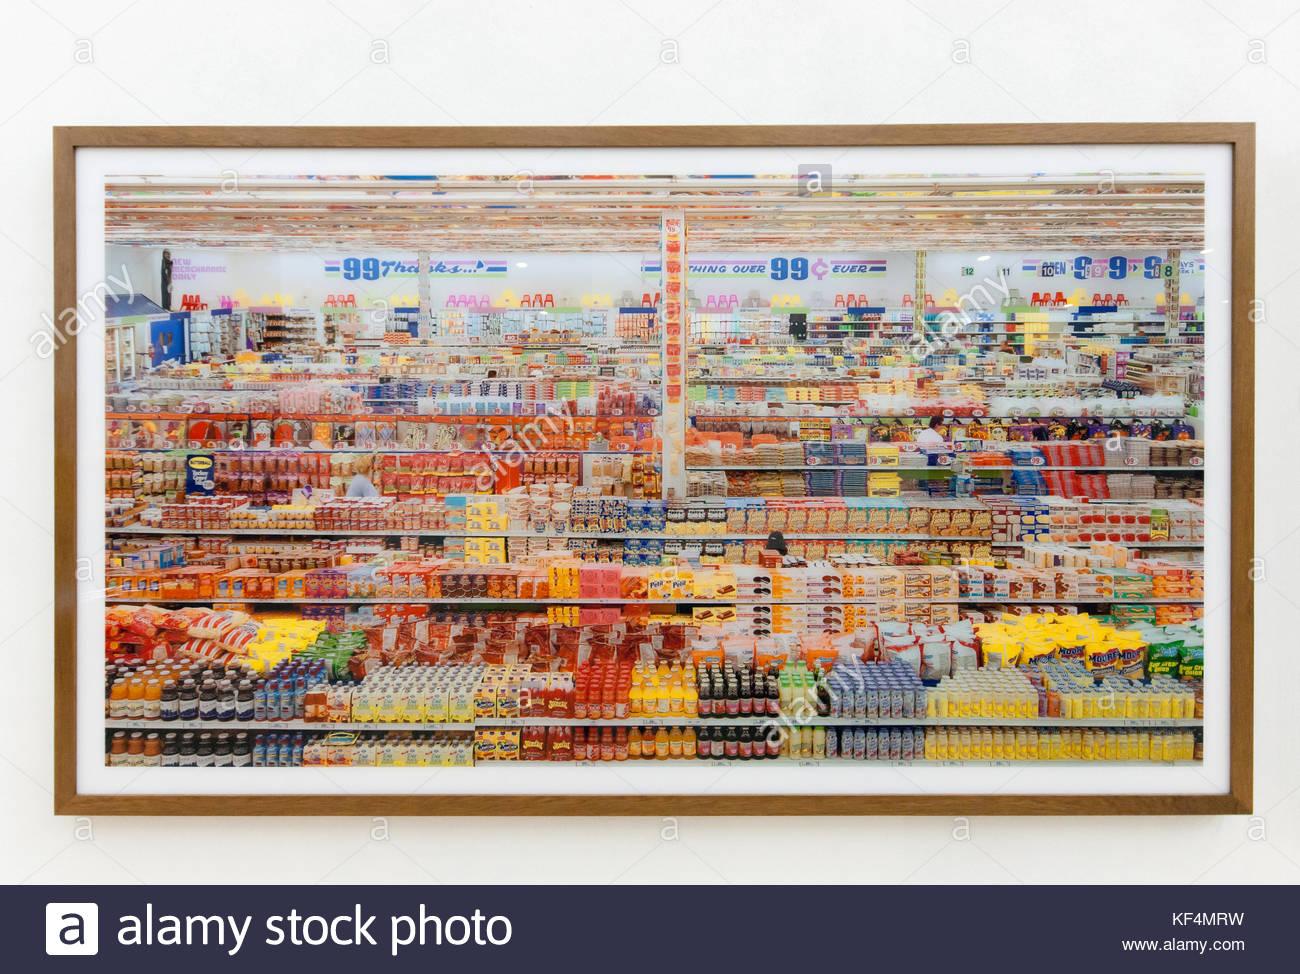 Andreas Gursky 99 Cent Ii Diptychon Grandi Fotografie C Print Montata Su Vetro Acrilico 1999 Da Arts Food Exhibition Milano 2015